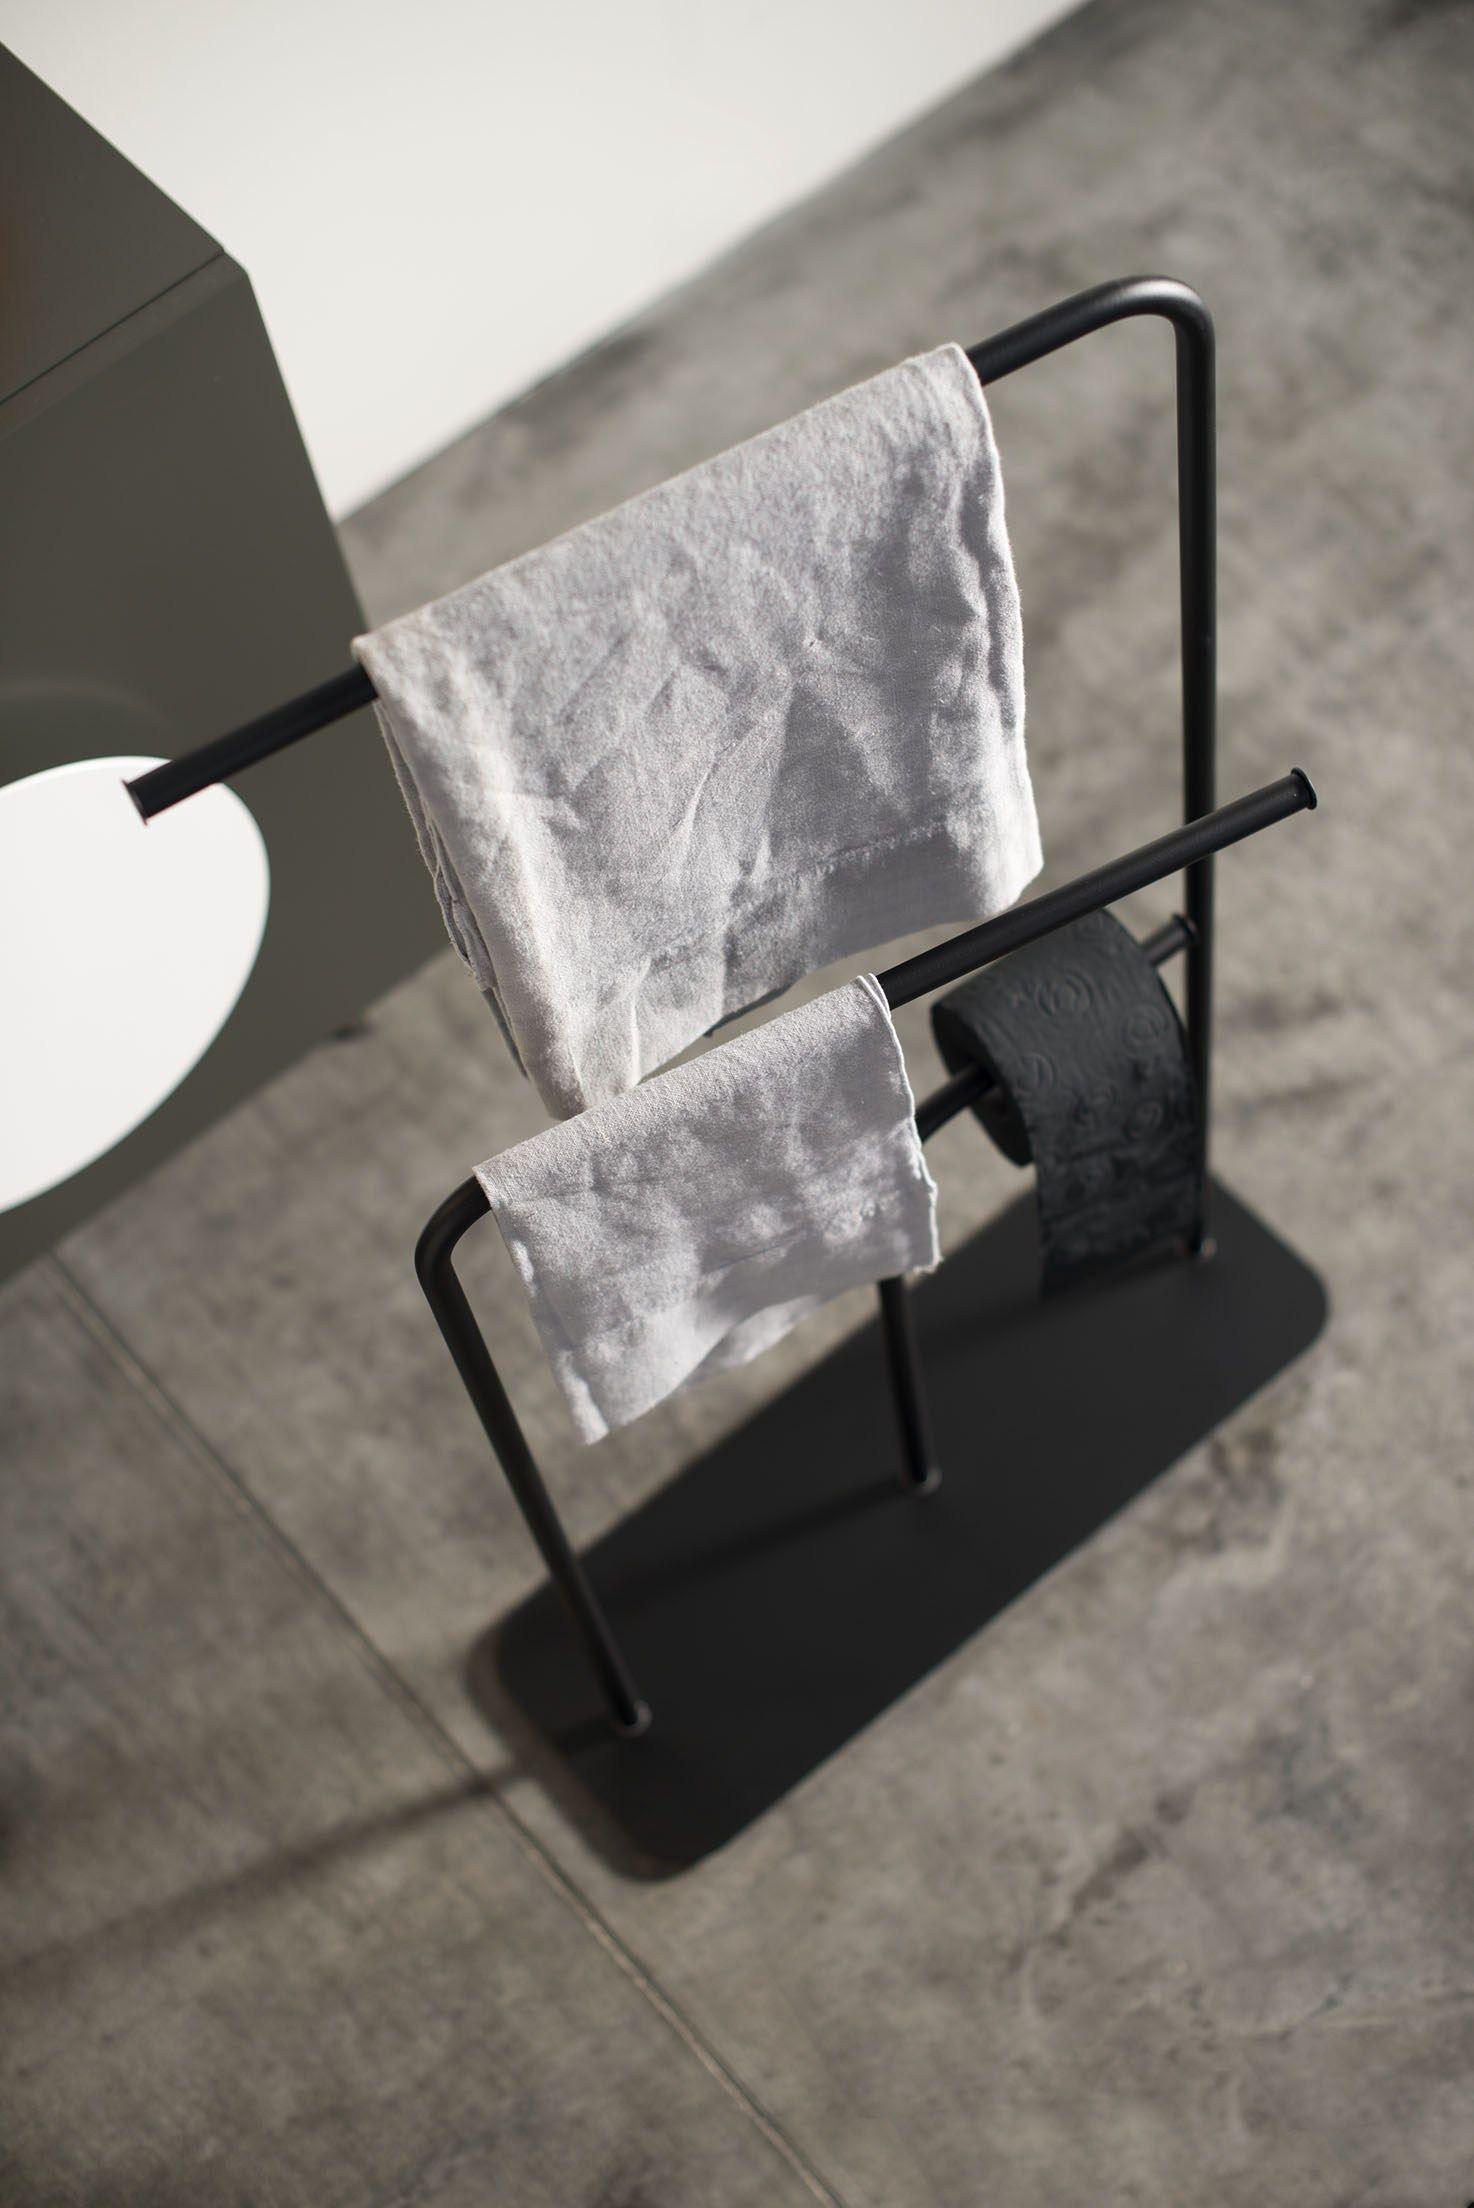 handtuchhalter aus pulverbeschichtetem stahl gru by ex.t design, Badezimmer ideen